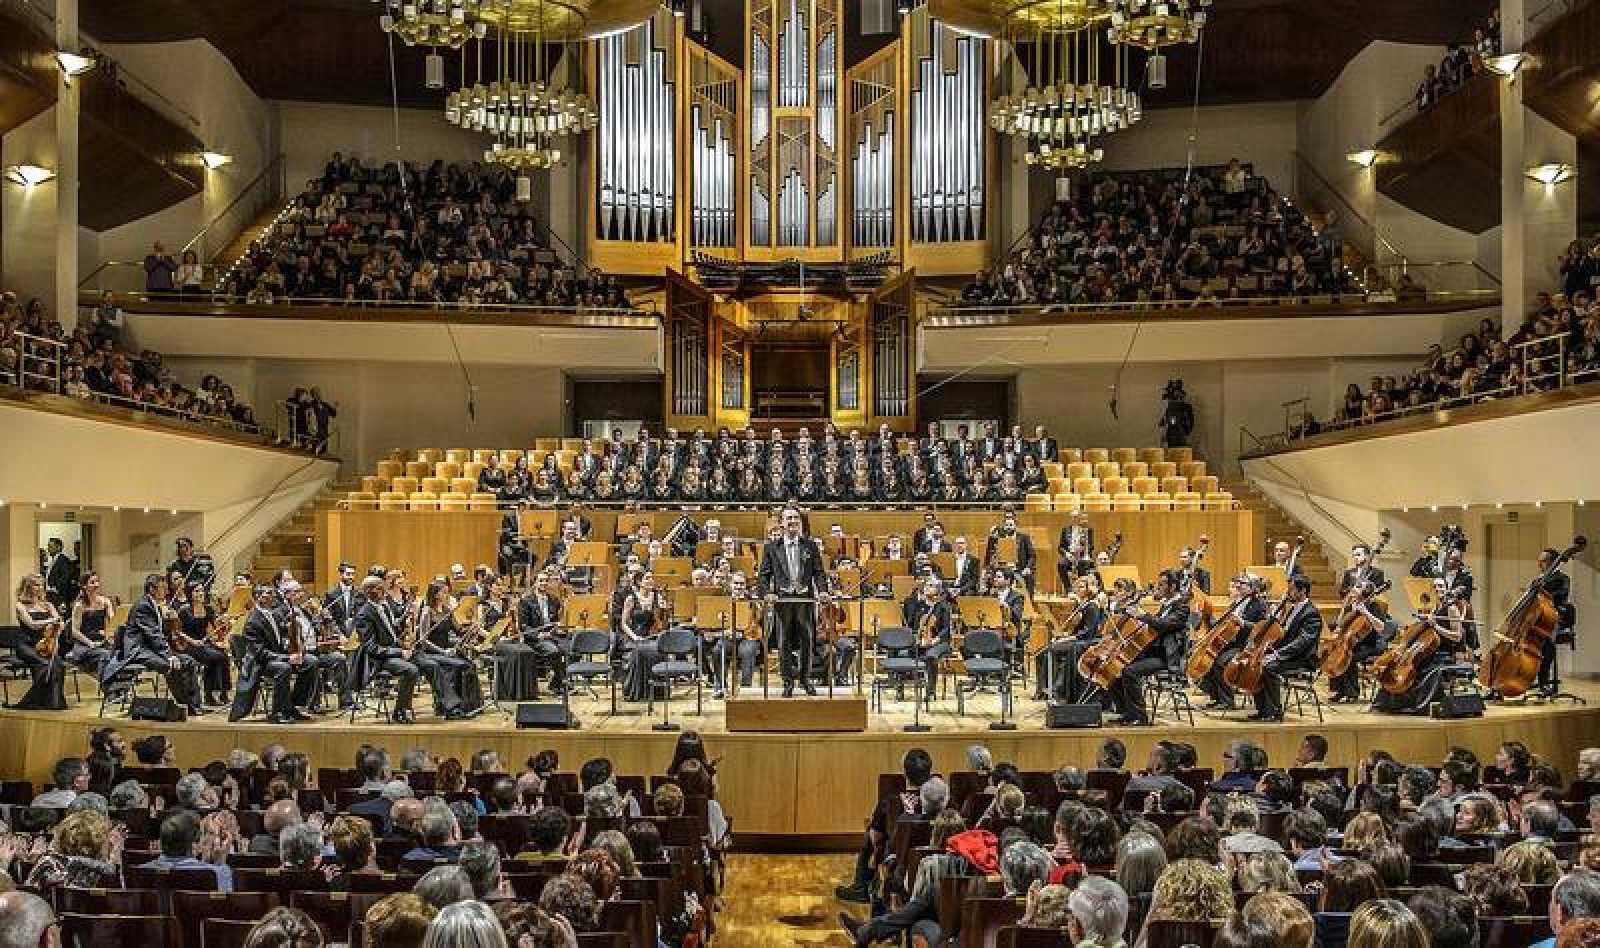 La Orquesta y Coro RTVE en el Auditorio Nacional